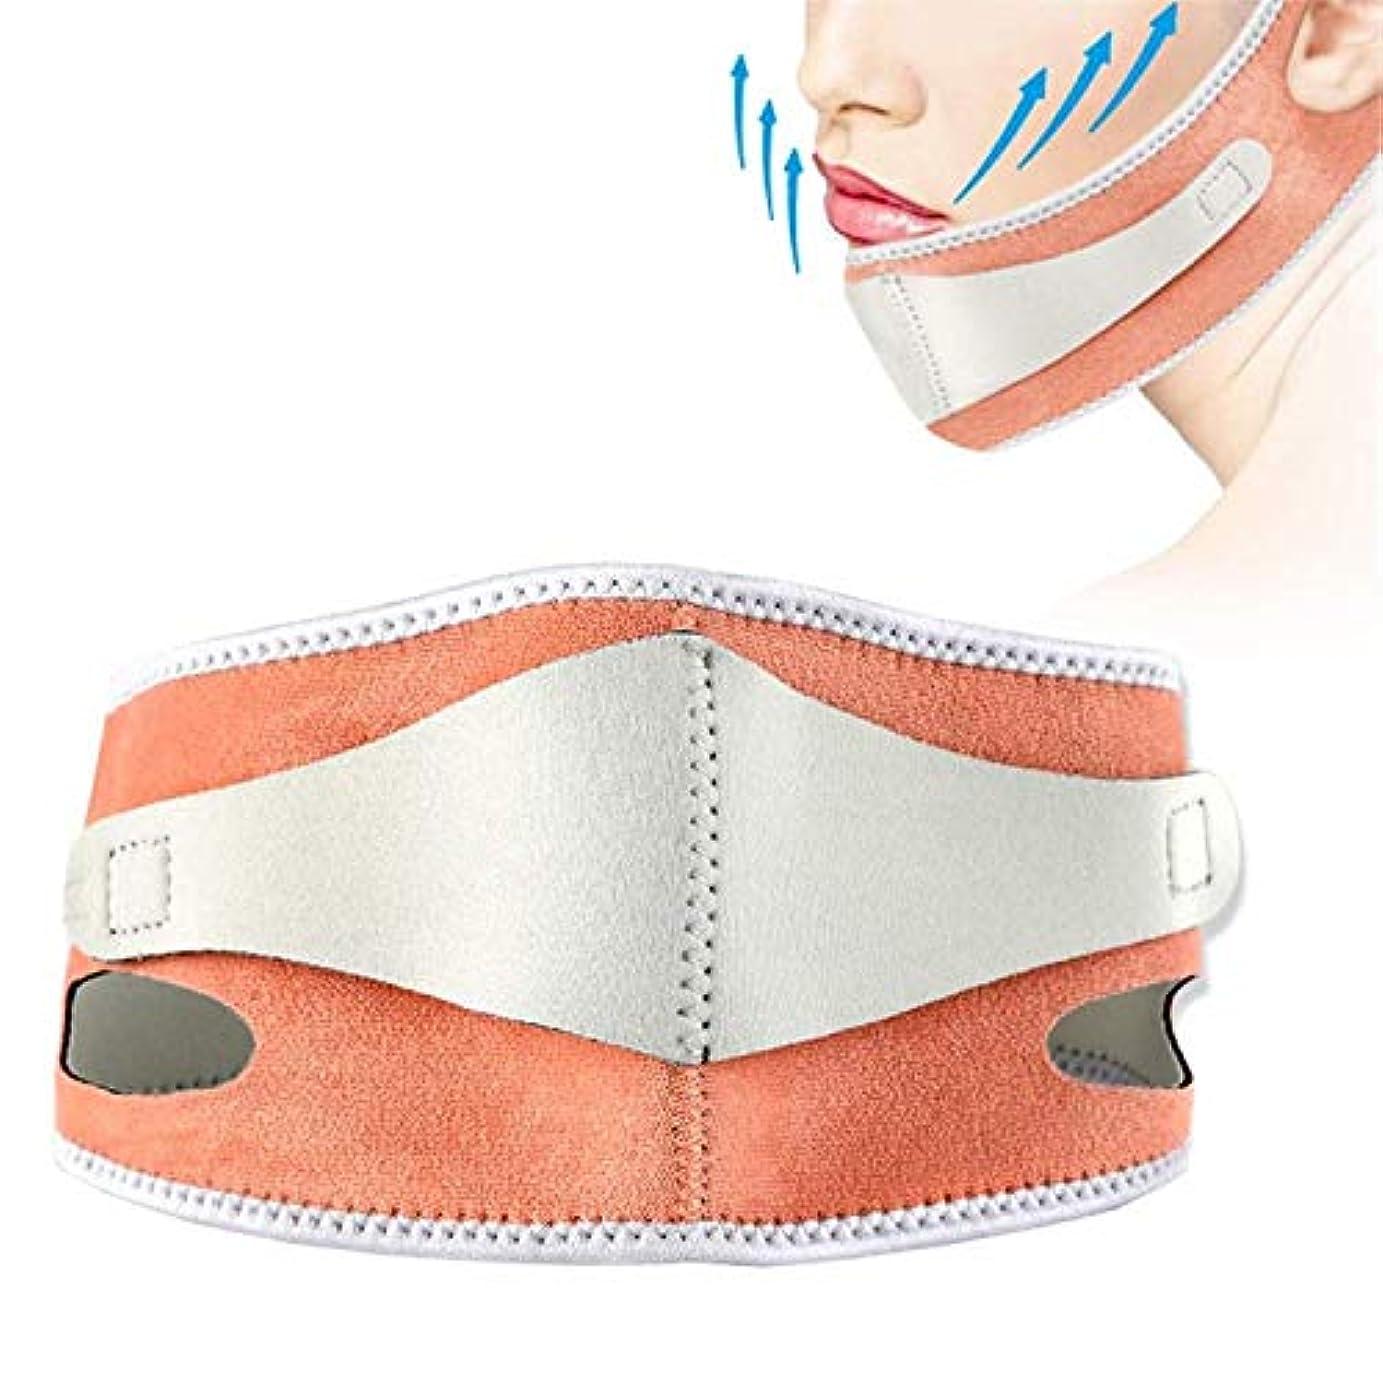 別れる落とし穴しがみつくフェイシャルスリミングベルト、Vフェイスシェイピングベルト、頬補強ベルト、美容弾性スリーブ薄い顔術後回復包帯、減量包帯を削除するには二重あご、フェイスリフト減量睡眠マスク包帯